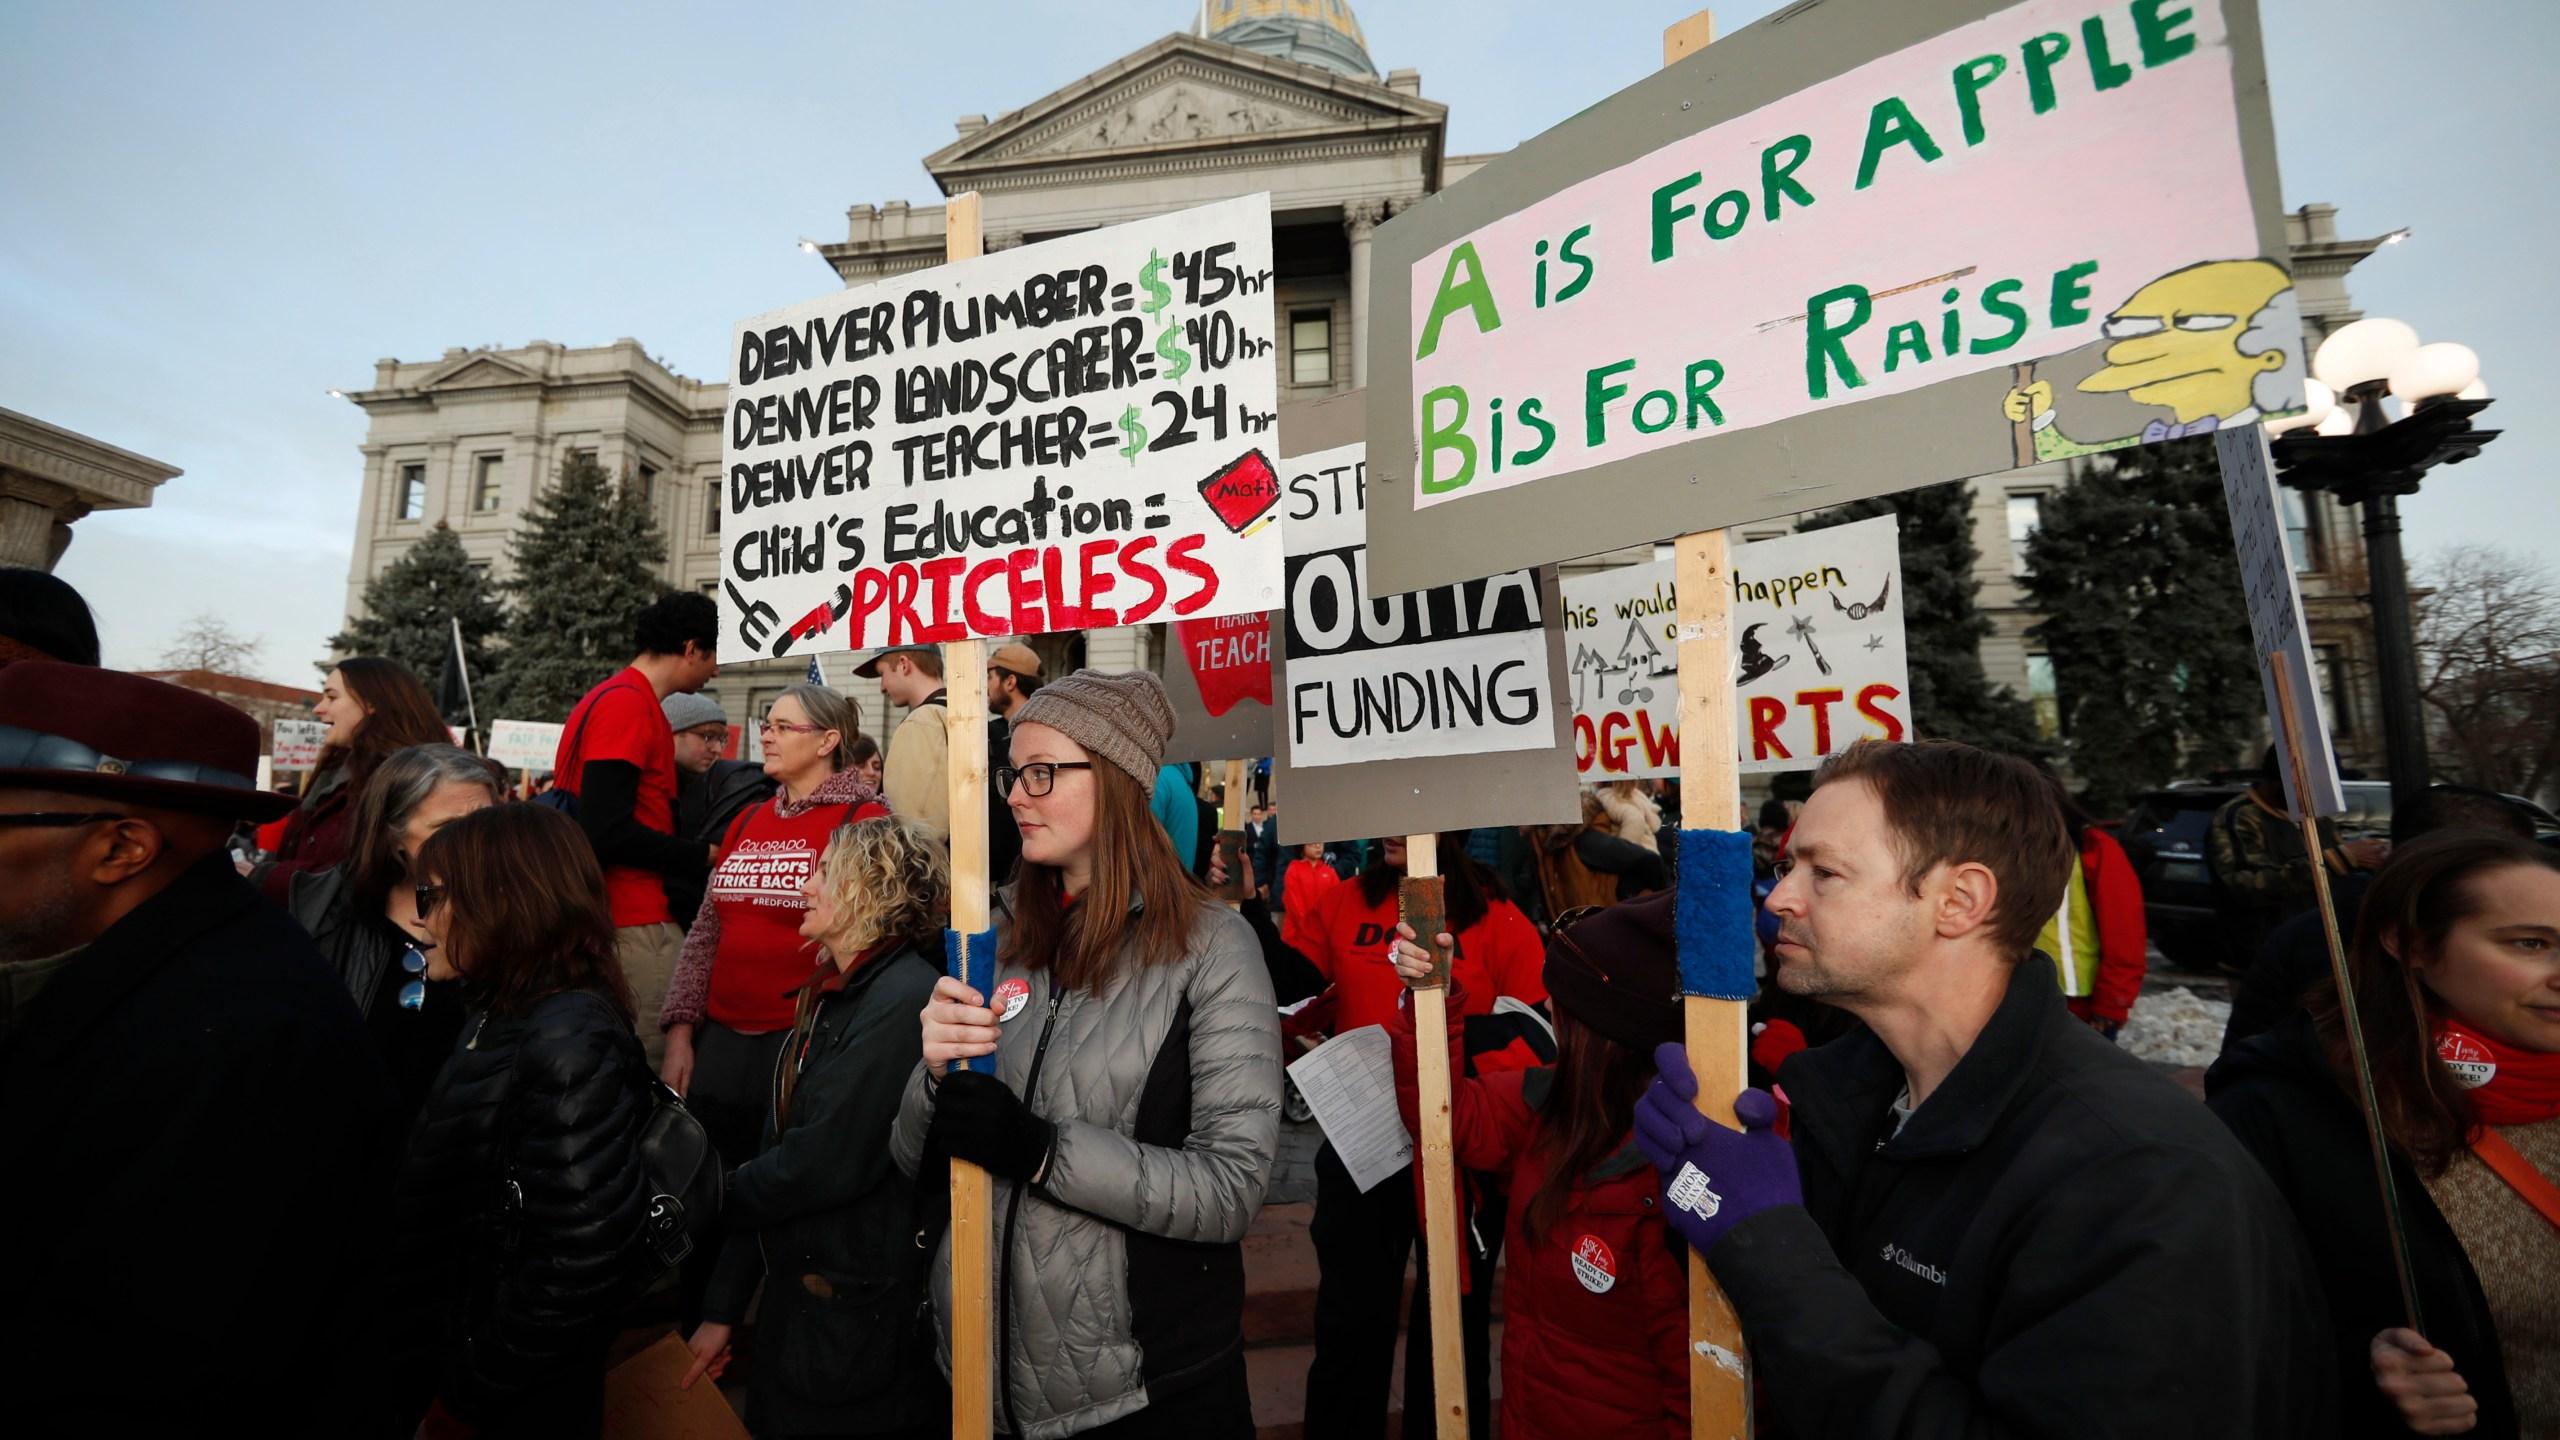 Denver_Teachers_Strike_80068-159532.jpg01934898